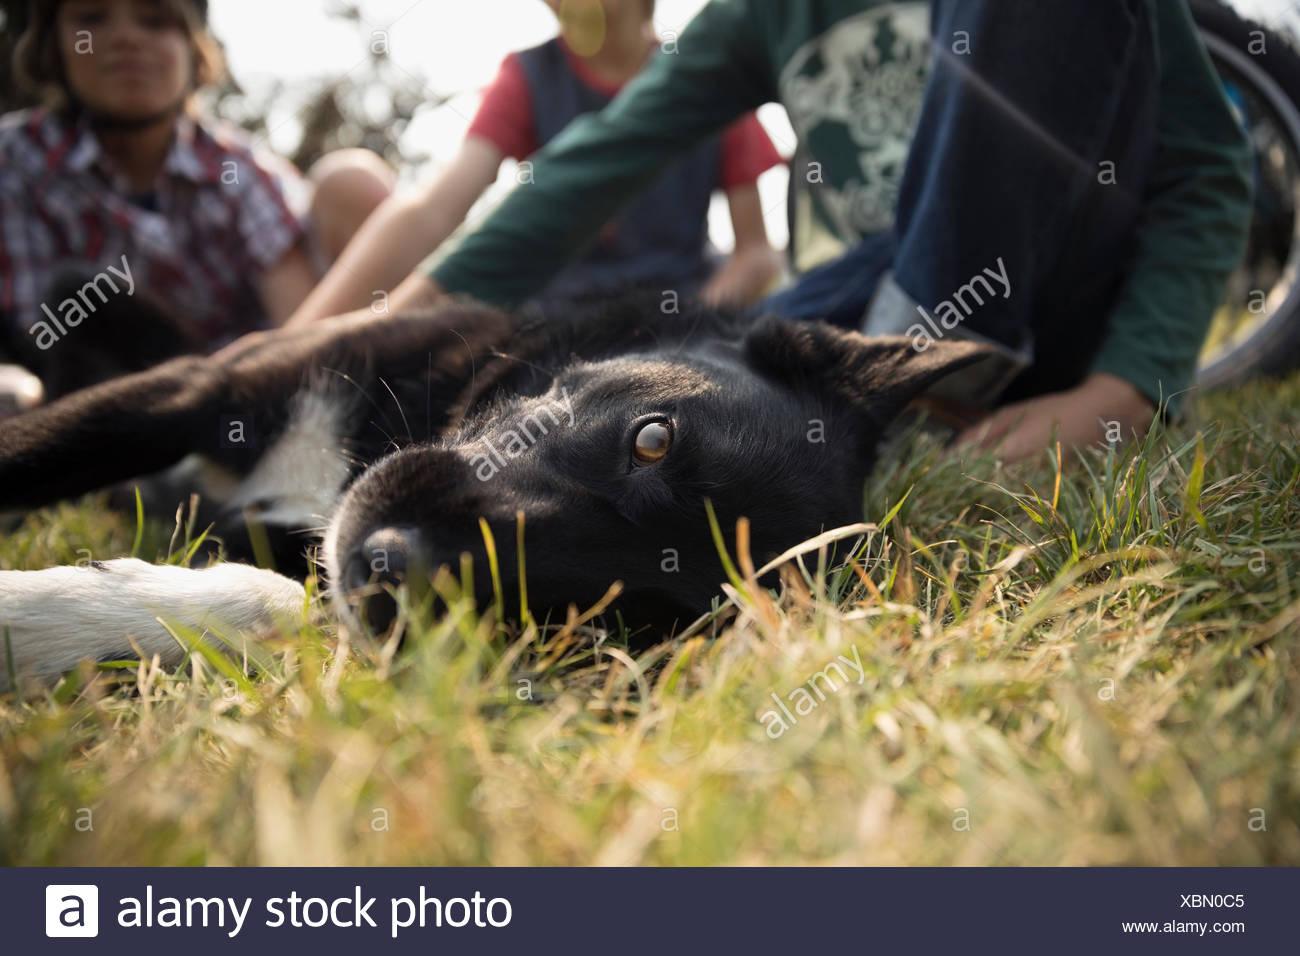 Retrato en blanco y negro perro tendido en el césped Imagen De Stock